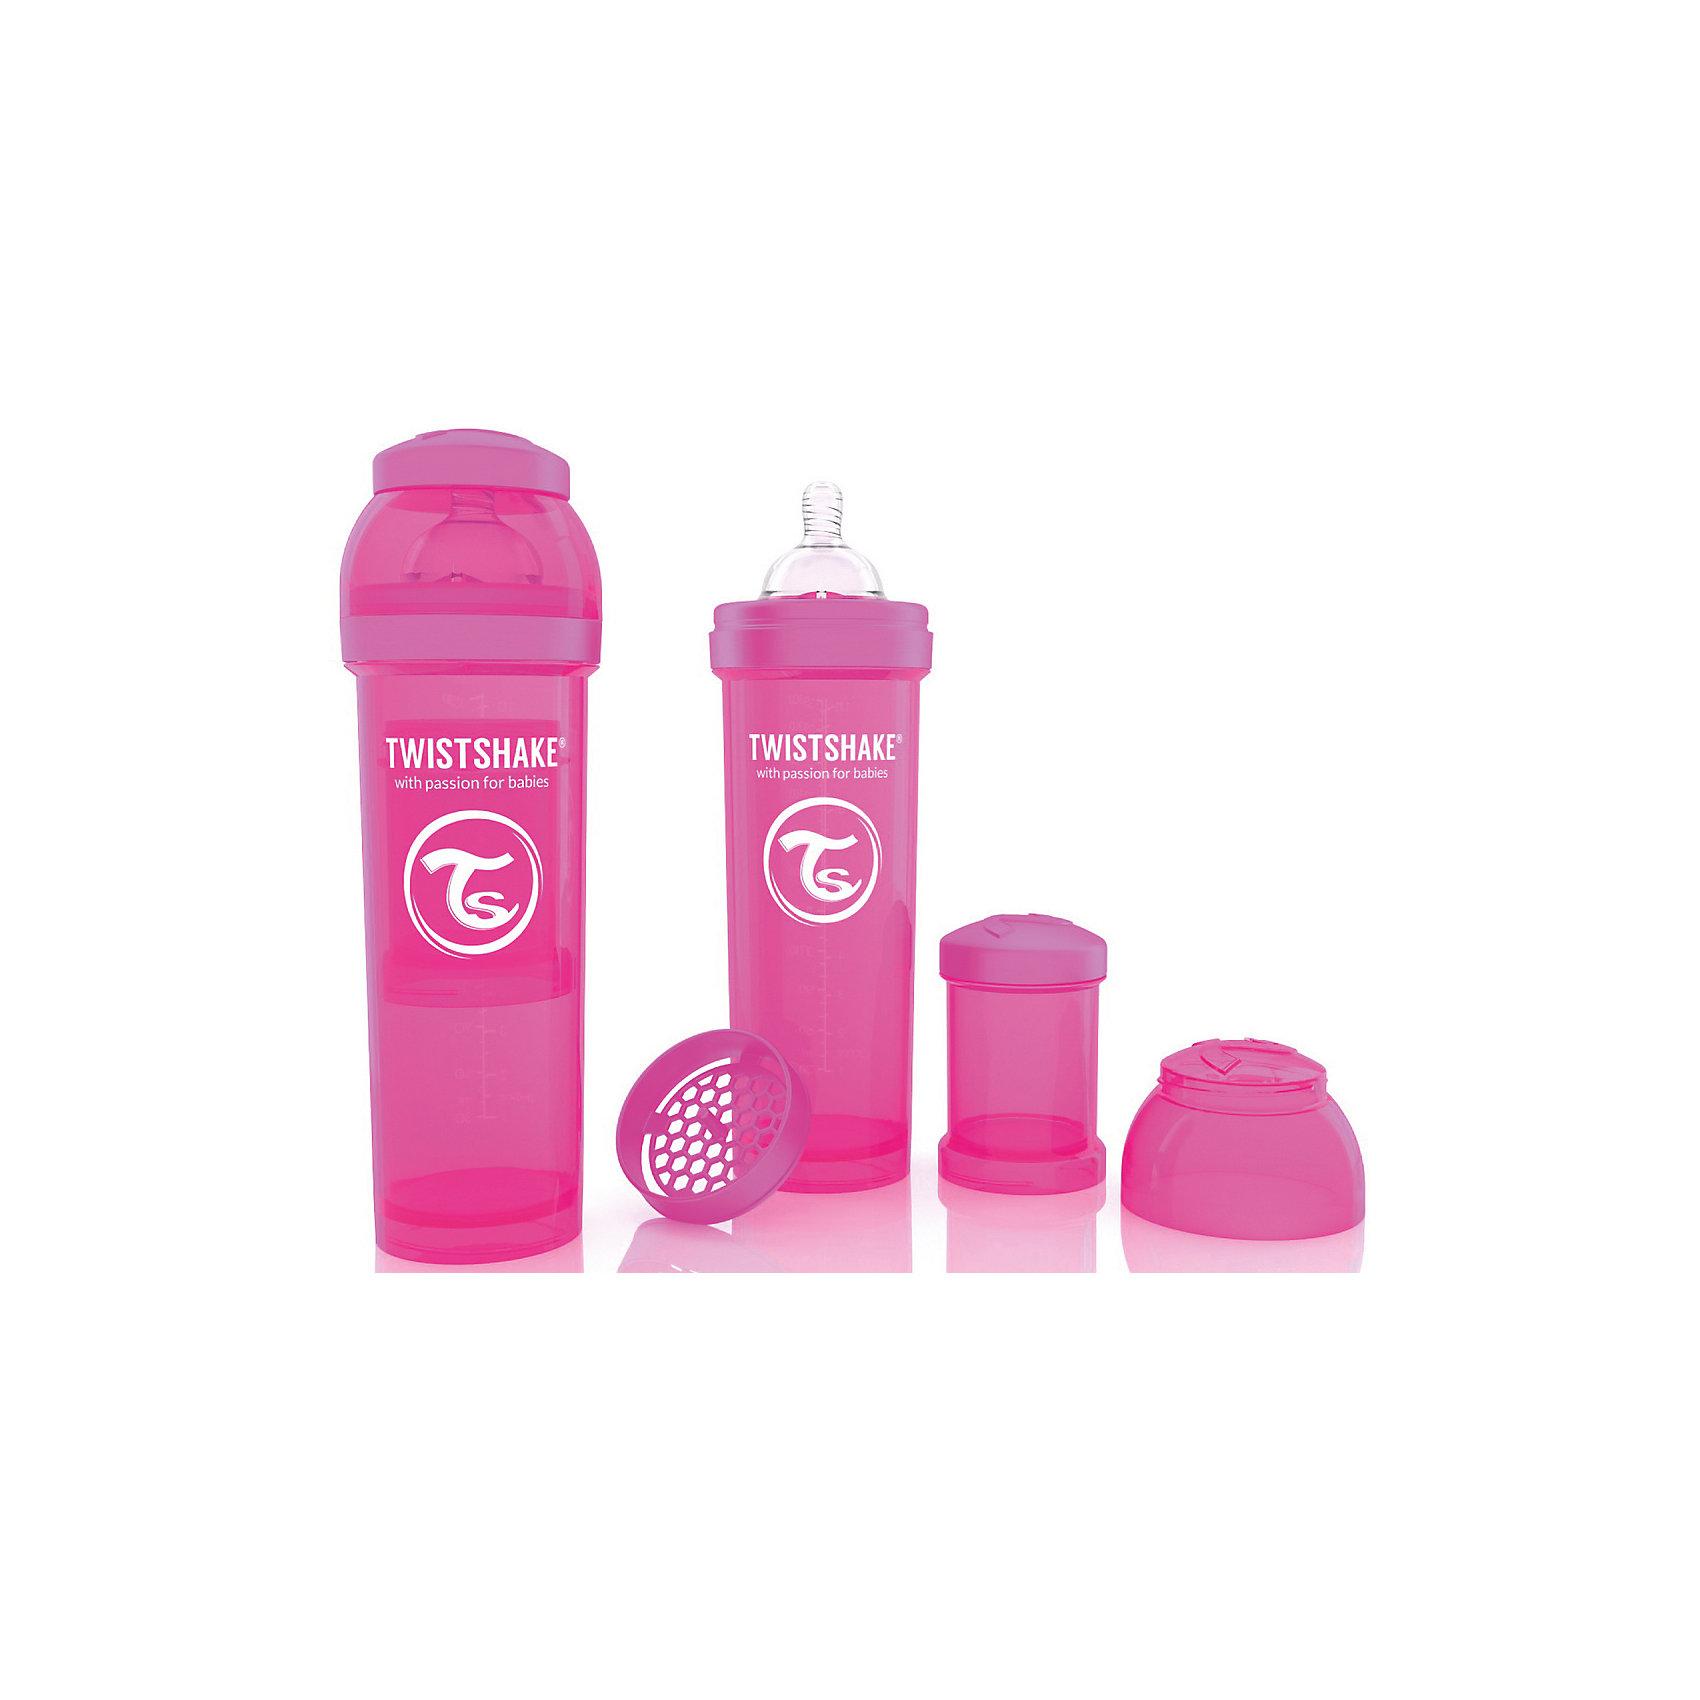 Антиколиковая бутылочка 330 мл., Twistshake, розовыйАнтиколиковая бутылочка 330 мл., розовый от шведского бренда Twistshake (Твистшейк), придет по вкусу малышам и современным родителям. Эти бутылочки идут в комплекте с контейнером для сухой смеси, чтобы можно было готовить смесь в любом месте непосредсвенно перед кормлением. Также в комплект входит решеточка для разбивки комочков смеси, делая саму смесь идеальной. Материал бутылочки имеет свойства сохранения температуры, не содержит бисфенол А. Удобная форма горлышка обеспечивает доступ к полной промывки бутылочки, можно стерилизовать как холодным, так и горячим методами. Небольшой контейнер для смеси (100 мл.) можно использовать для хранения еды, например печенья или кусочков яблока. Соска бутылочки имеет ортодонтичную форму, благодаря специальному клапану и строению предотвращает попадание воздуха и снижает вероятность появления коликов у крохи. Все предметы складываются в бутылочку для удобной транспортировки и хранения. Также можно купить бутылочки разных цветов и комбинировать их в любимые цветовые сочетания.<br><br>Дополнительная информация:<br><br>- В комплект входит: бутылочка с соской 330 мл., контейнер с крышкой 100 мл., решетка, крышка для бутылочки.<br>- Размер соски: L<br>- Состав бутылочки: 100% пропиллен<br>- Состав соски: силикон<br><br>Антиколиковую бутылочку 330 мл., Twistshake, розовый можно купить в нашем интернет-магазине.<br>Подробнее:<br>• Для детей в возрасте: от 4 месяцев <br>• Номер товара: 4976050<br>Страна производитель: Китай<br><br>Ширина мм: 70<br>Глубина мм: 70<br>Высота мм: 220<br>Вес г: 176<br>Возраст от месяцев: 4<br>Возраст до месяцев: 12<br>Пол: Унисекс<br>Возраст: Детский<br>SKU: 4976050